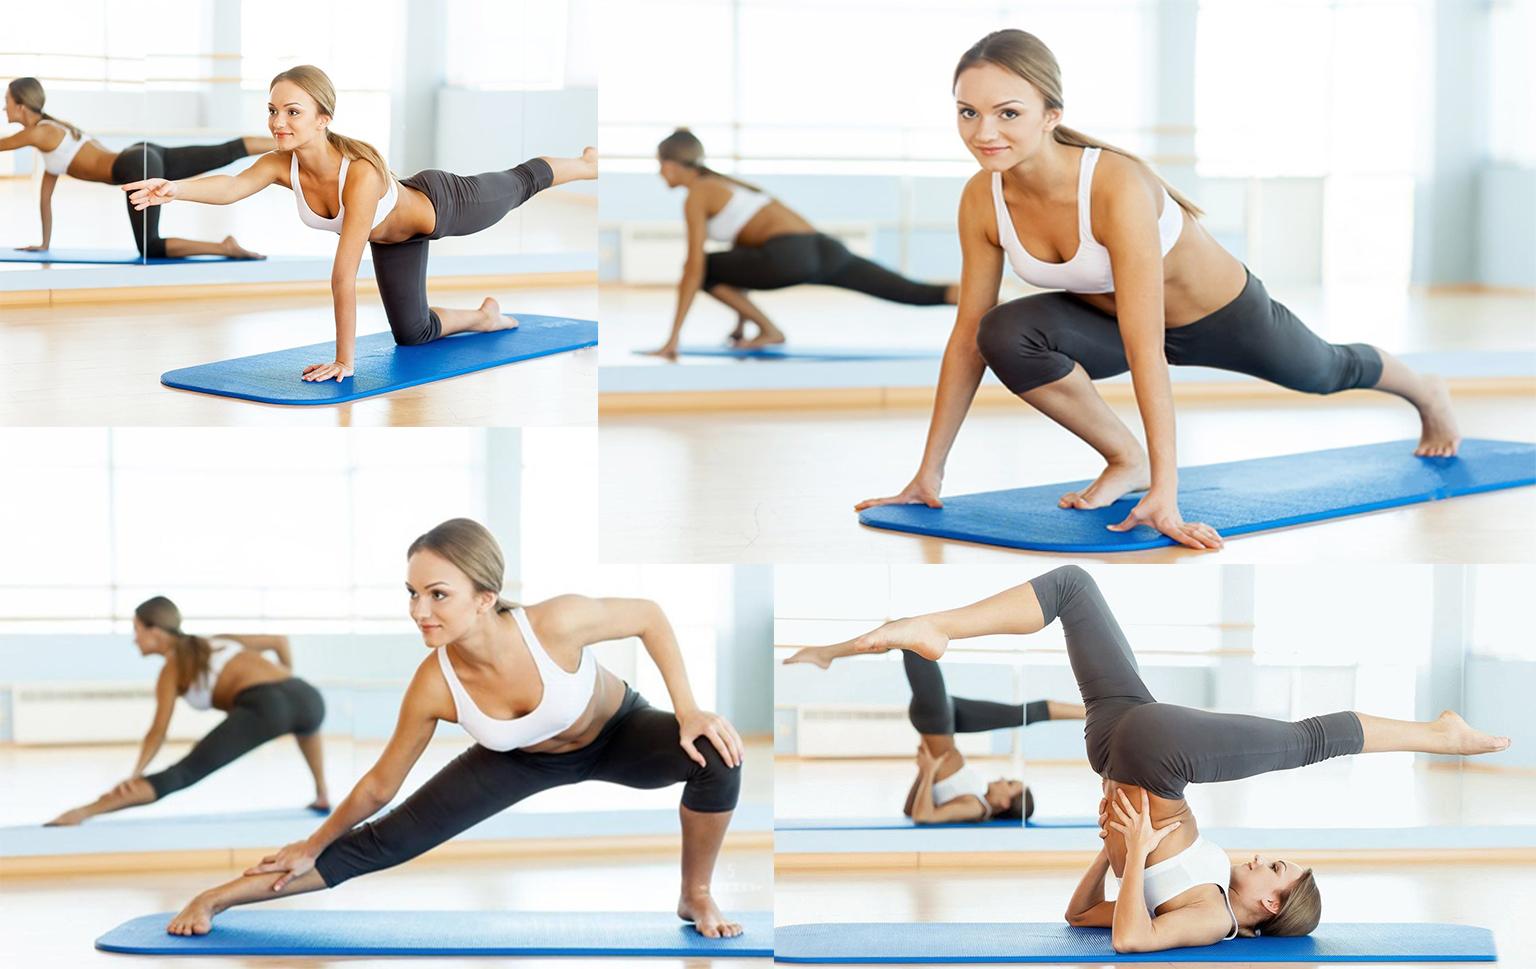 Стретчинг полезен для здоровья